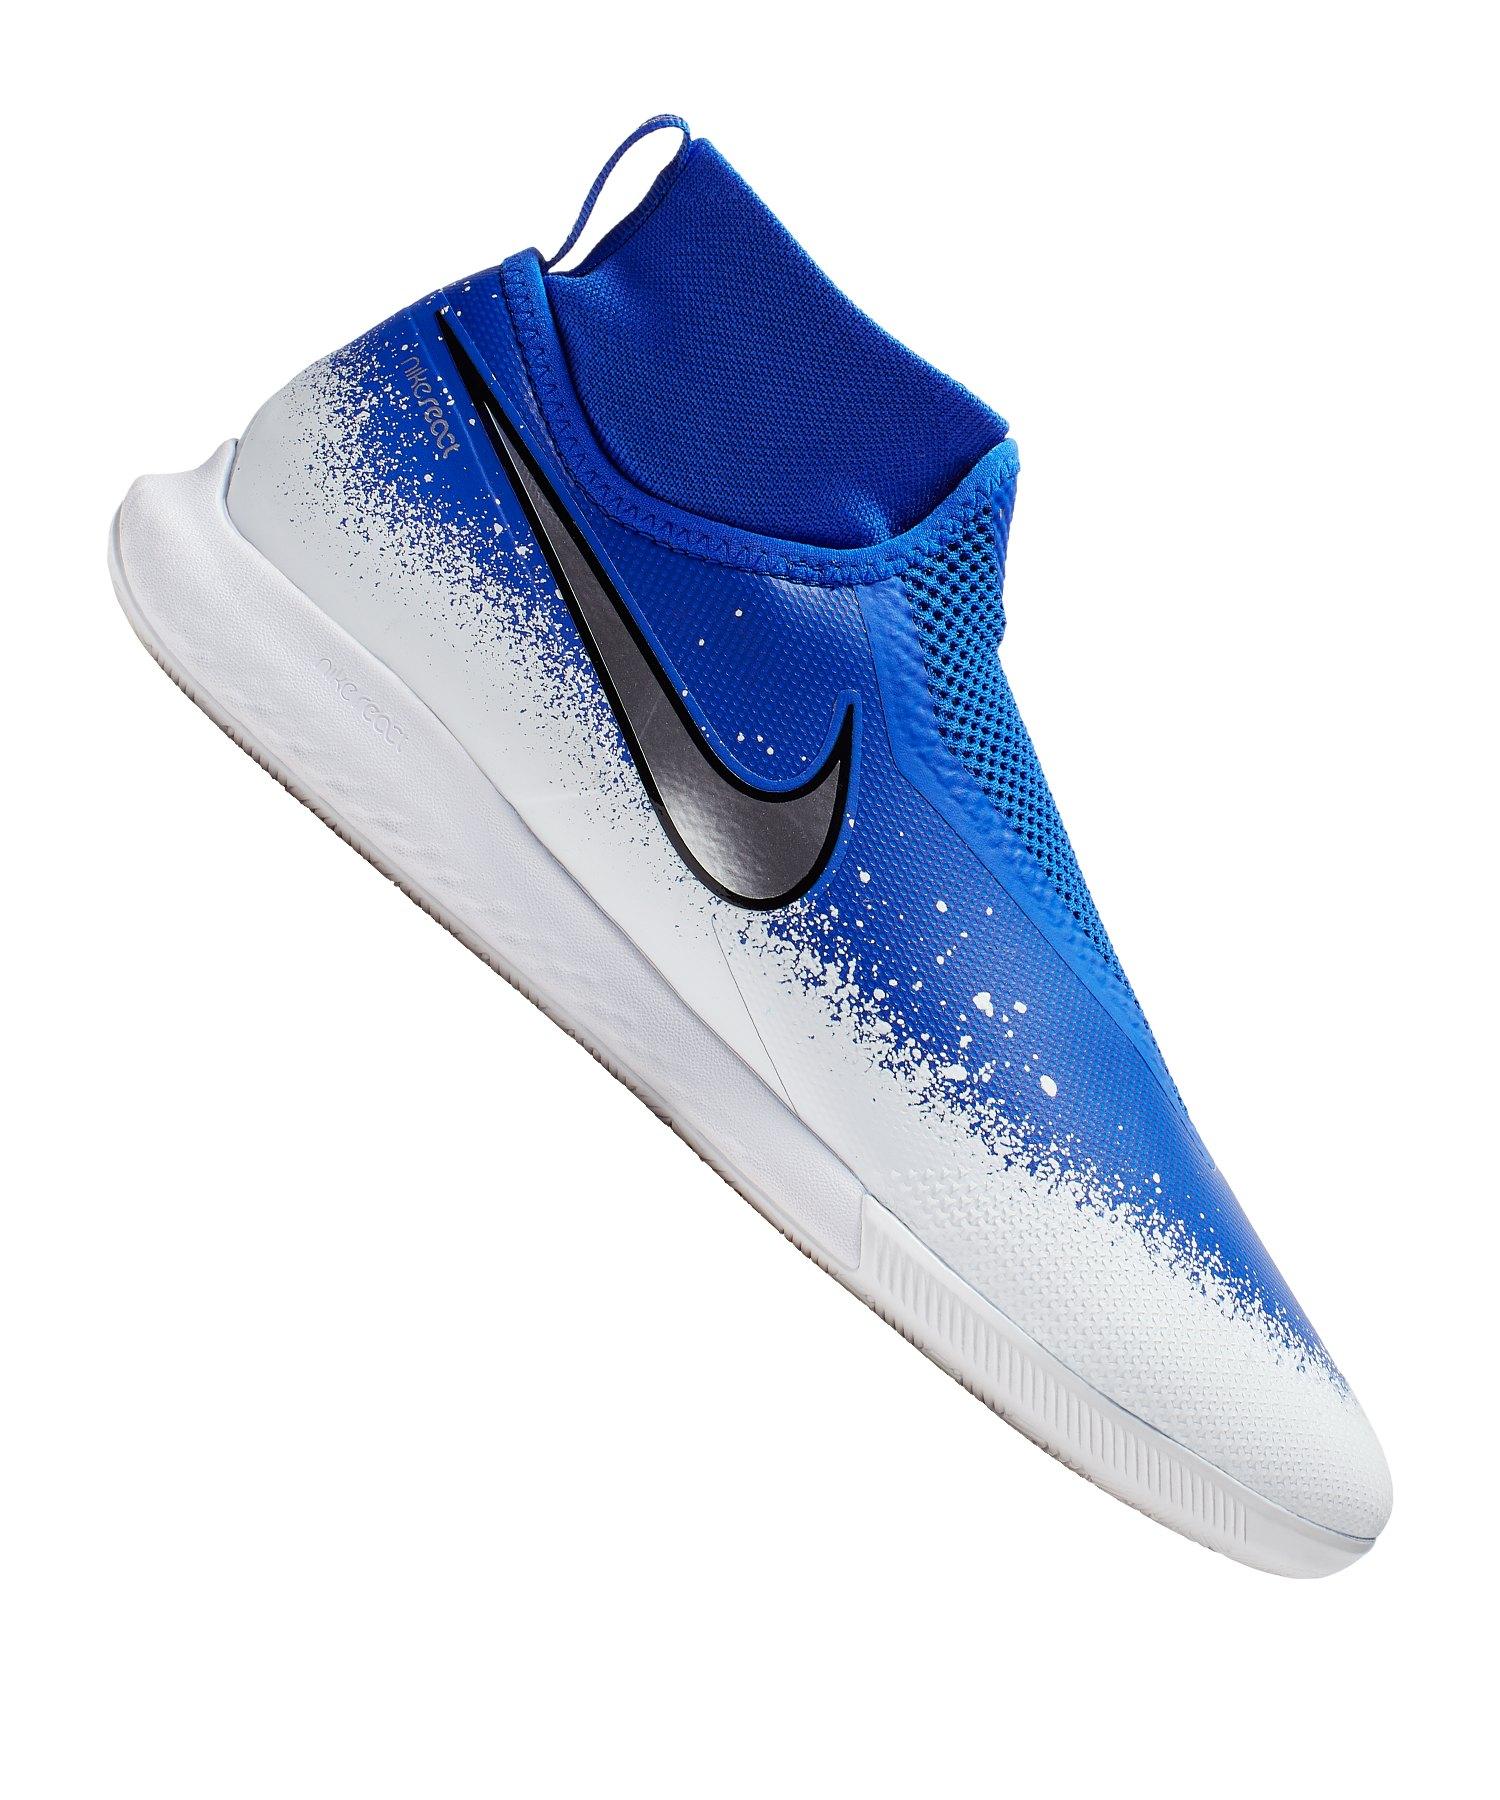 Nike Phantom Vision React Pro IC Blau F410 - blau